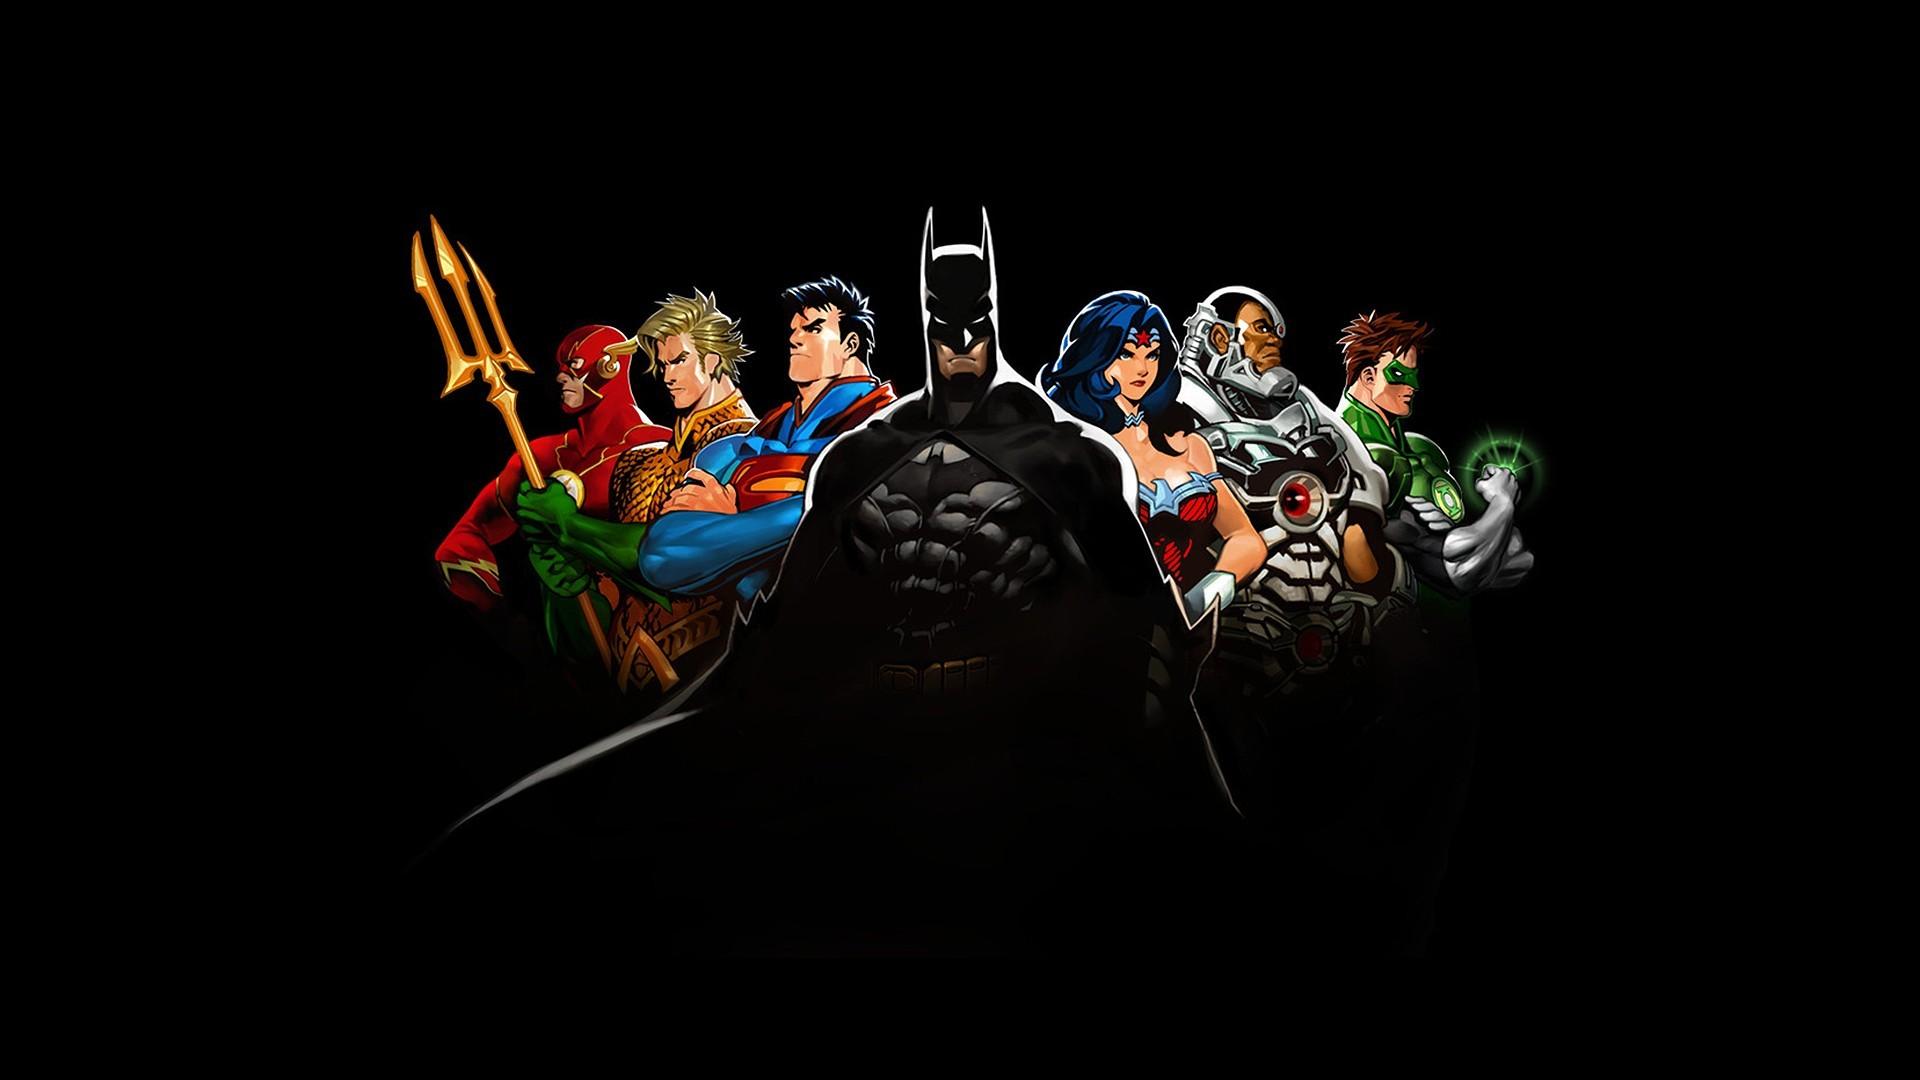 DC-Comics-Wallpaper-Background-hd-09